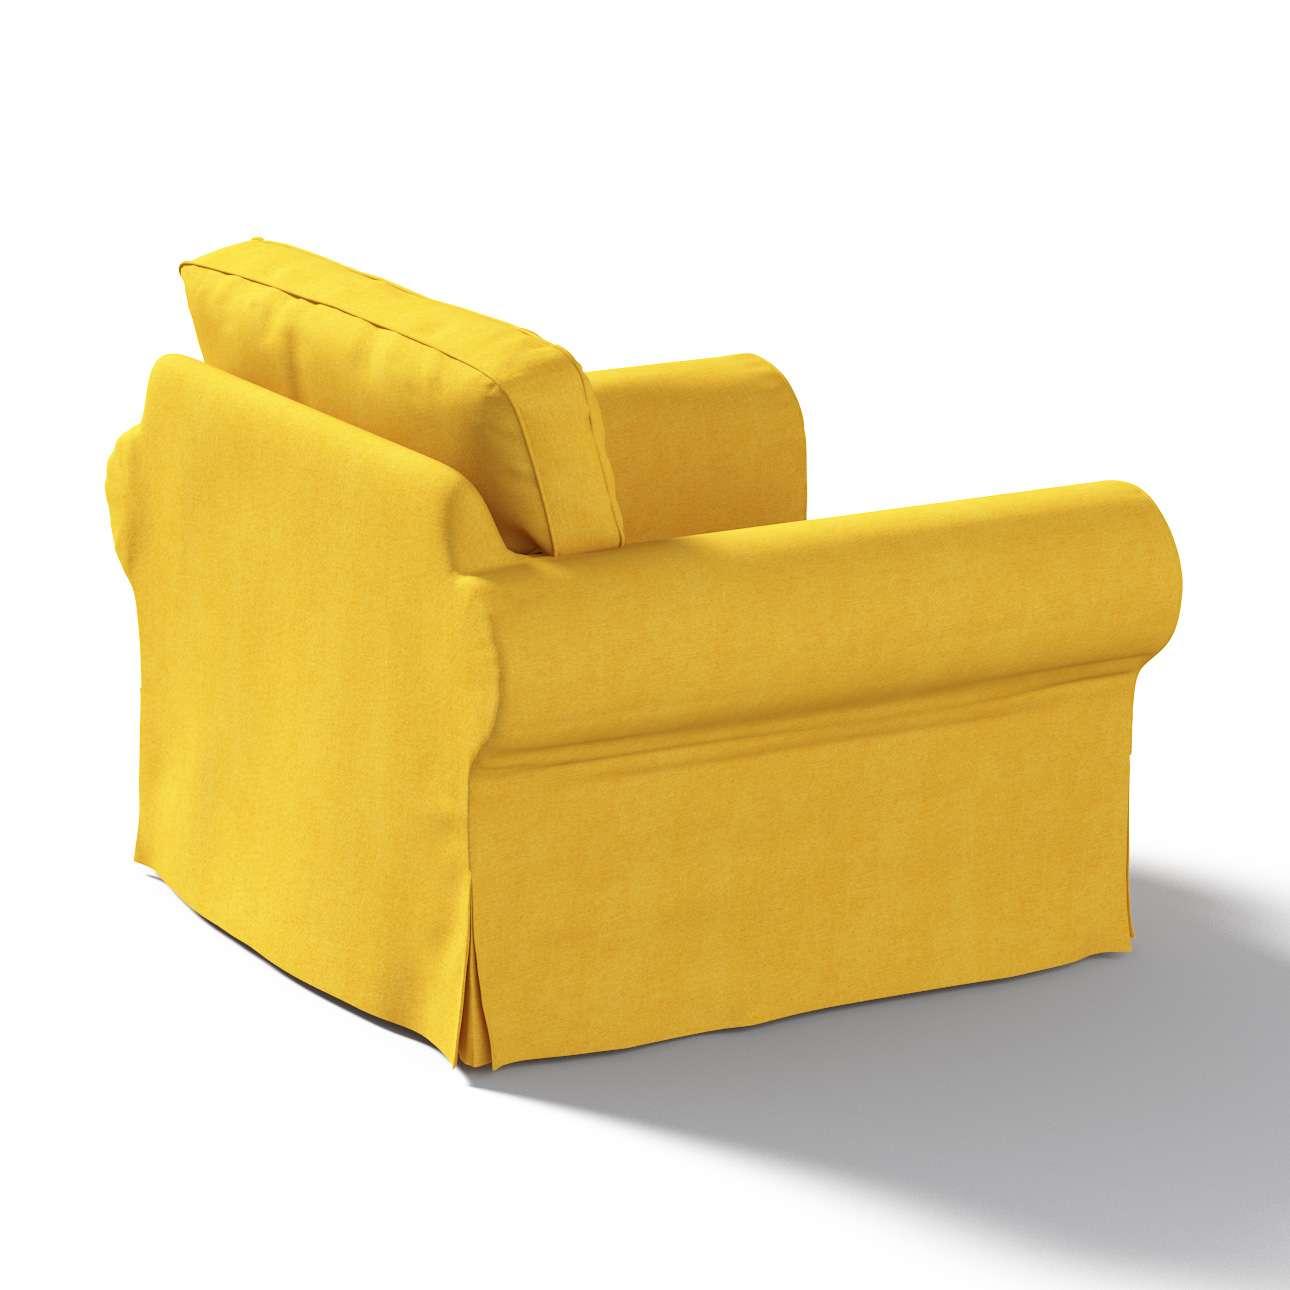 Bezug für Ektorp Sessel von der Kollektion Etna, Stoff: 705-04